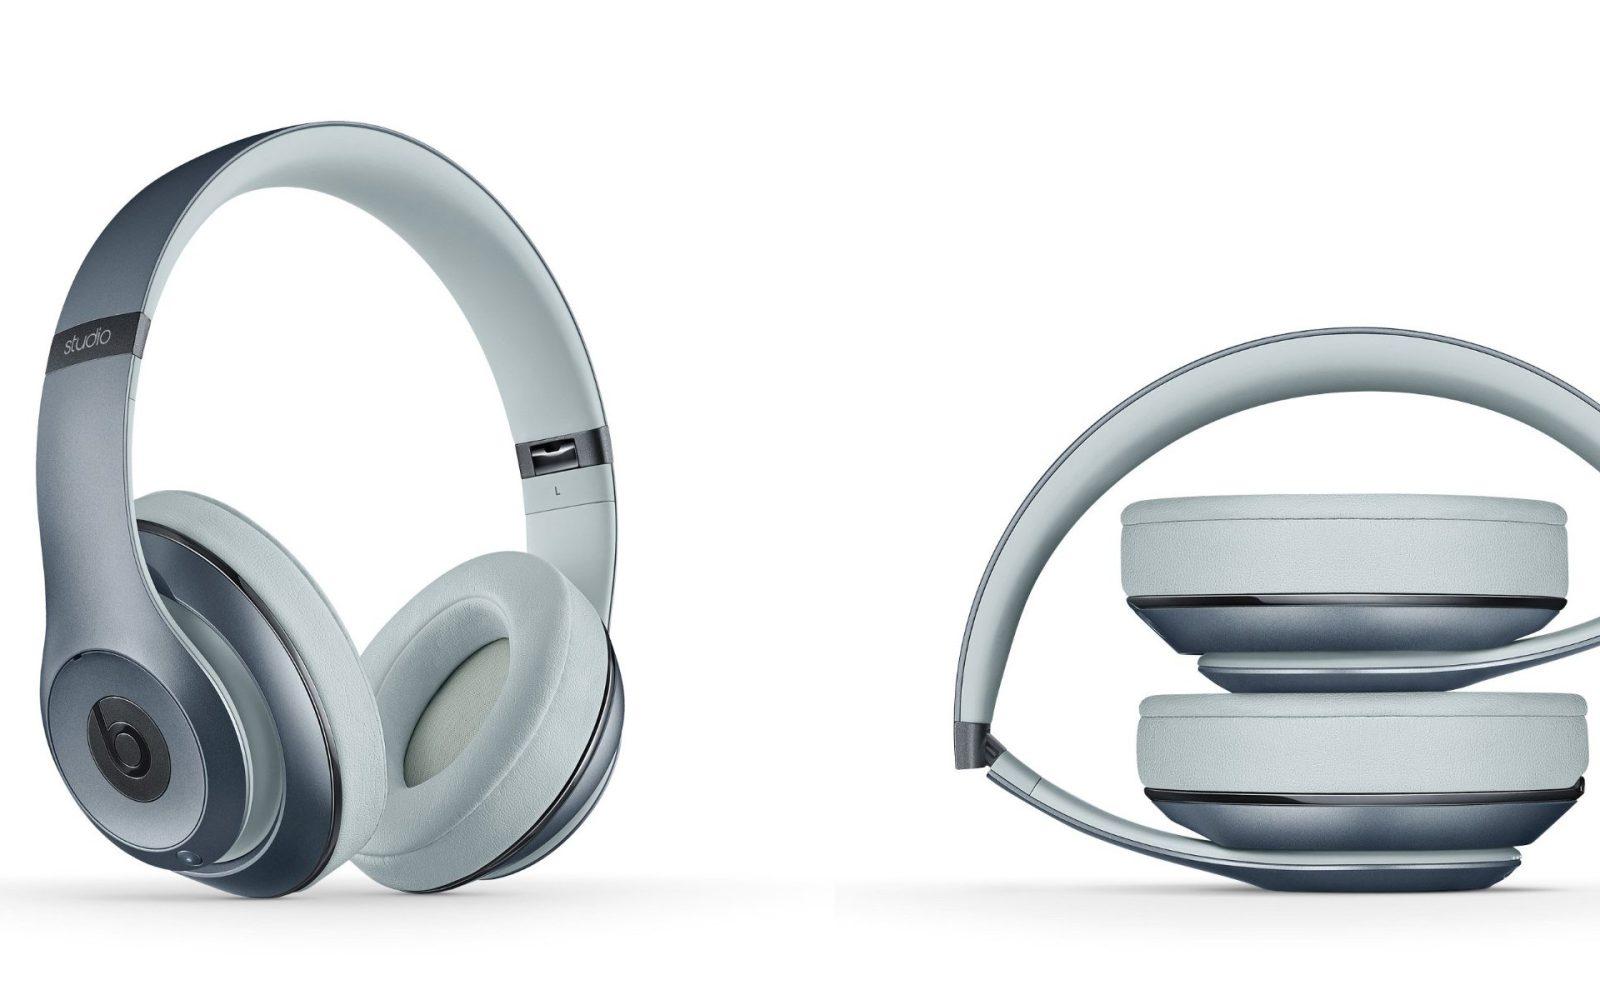 Beats Studio 2.0 Over-Ear headphones (multiple colors) $150 shipped ...